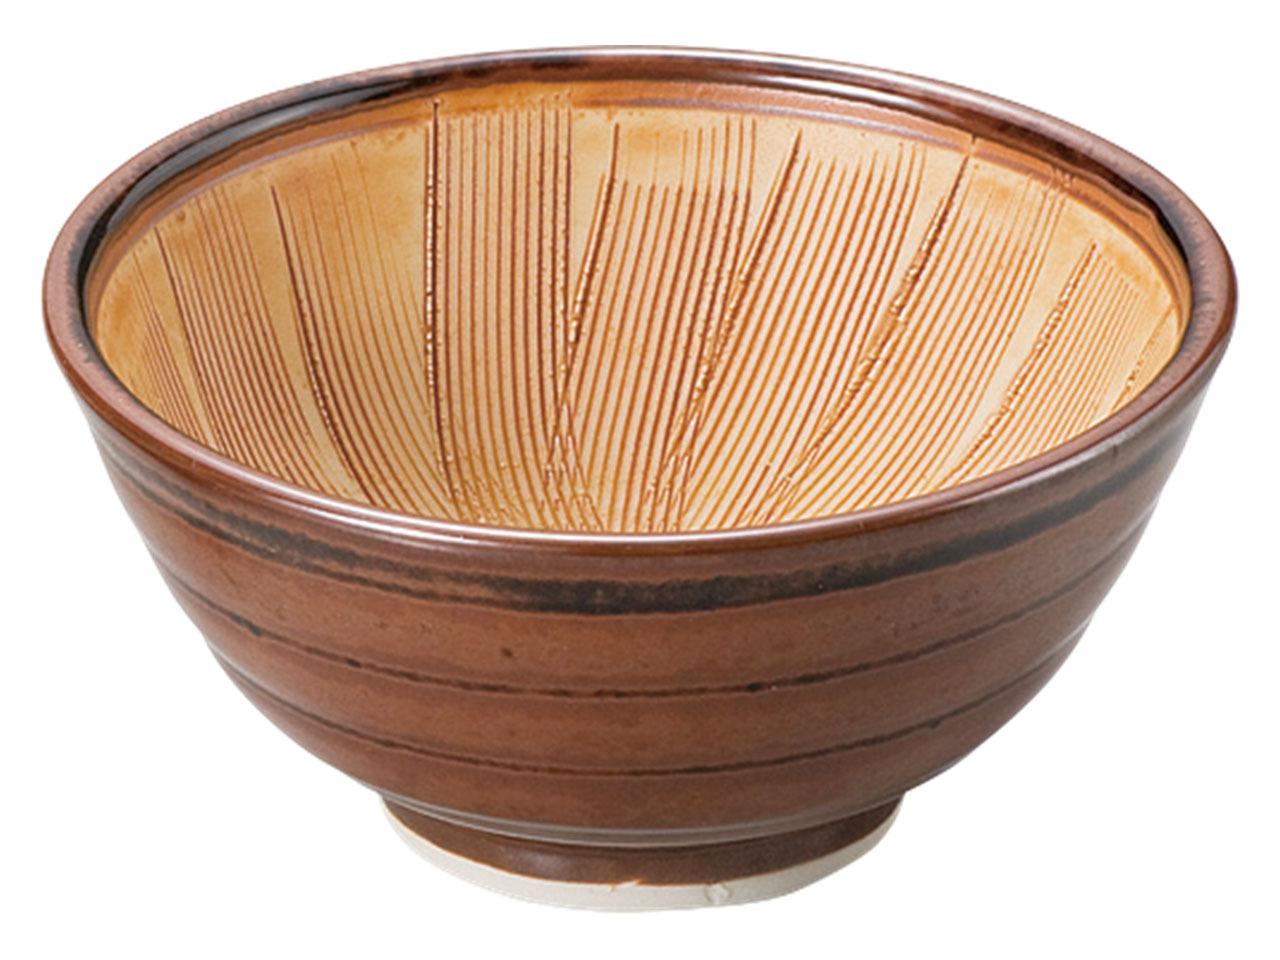 すり小鉢(瀬戸鉢)8.5Φ×4.5cm